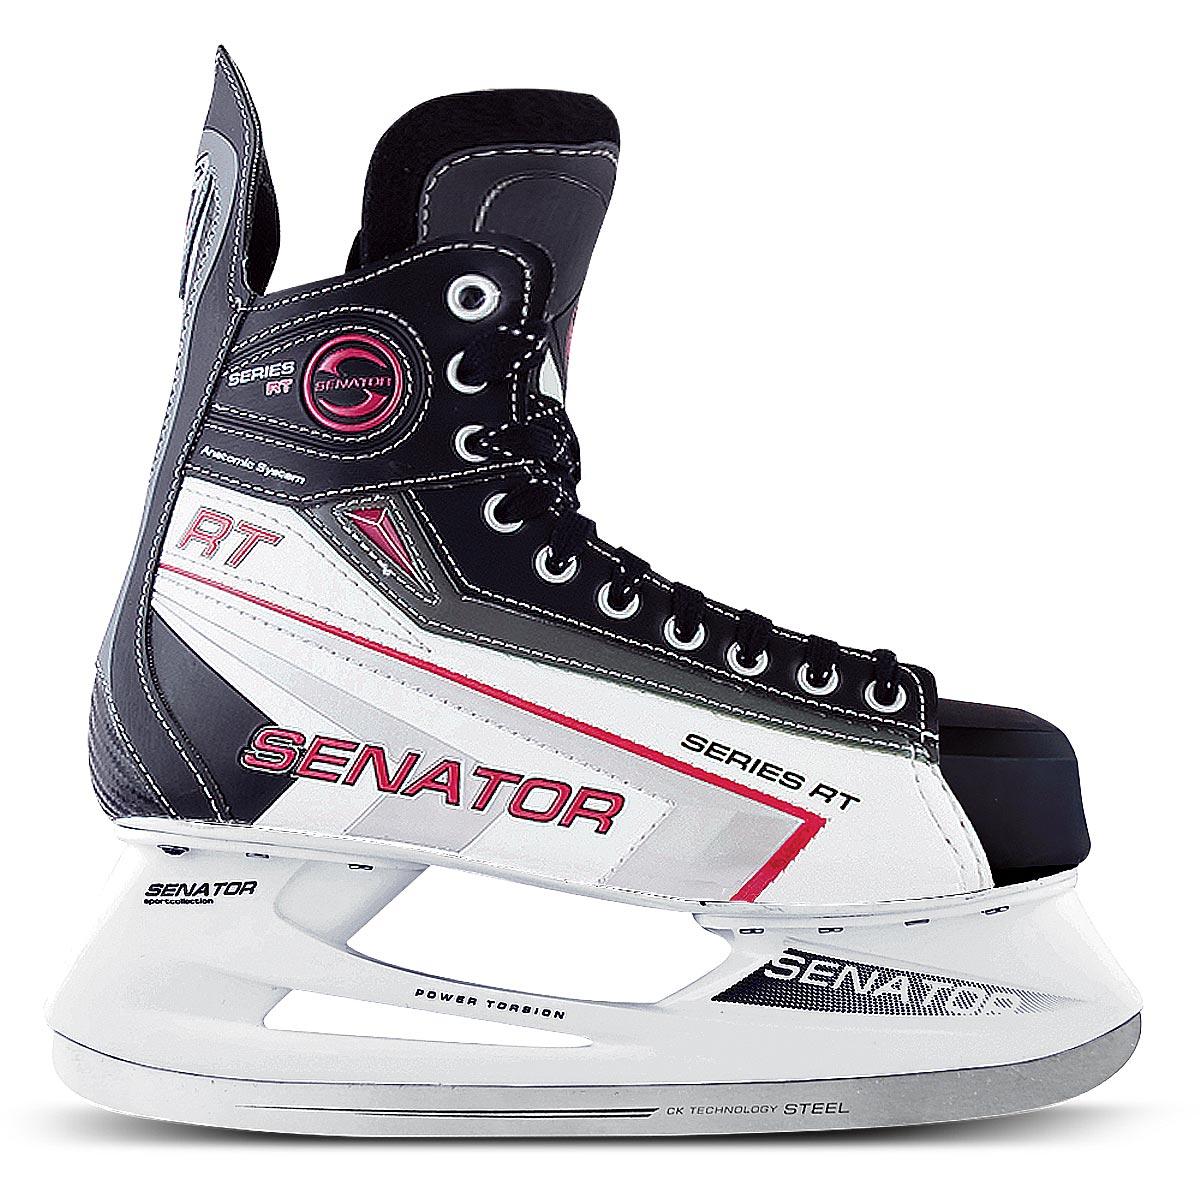 Коньки хоккейные для мальчика СК Senator RT, цвет: черный, белый. Размер 35